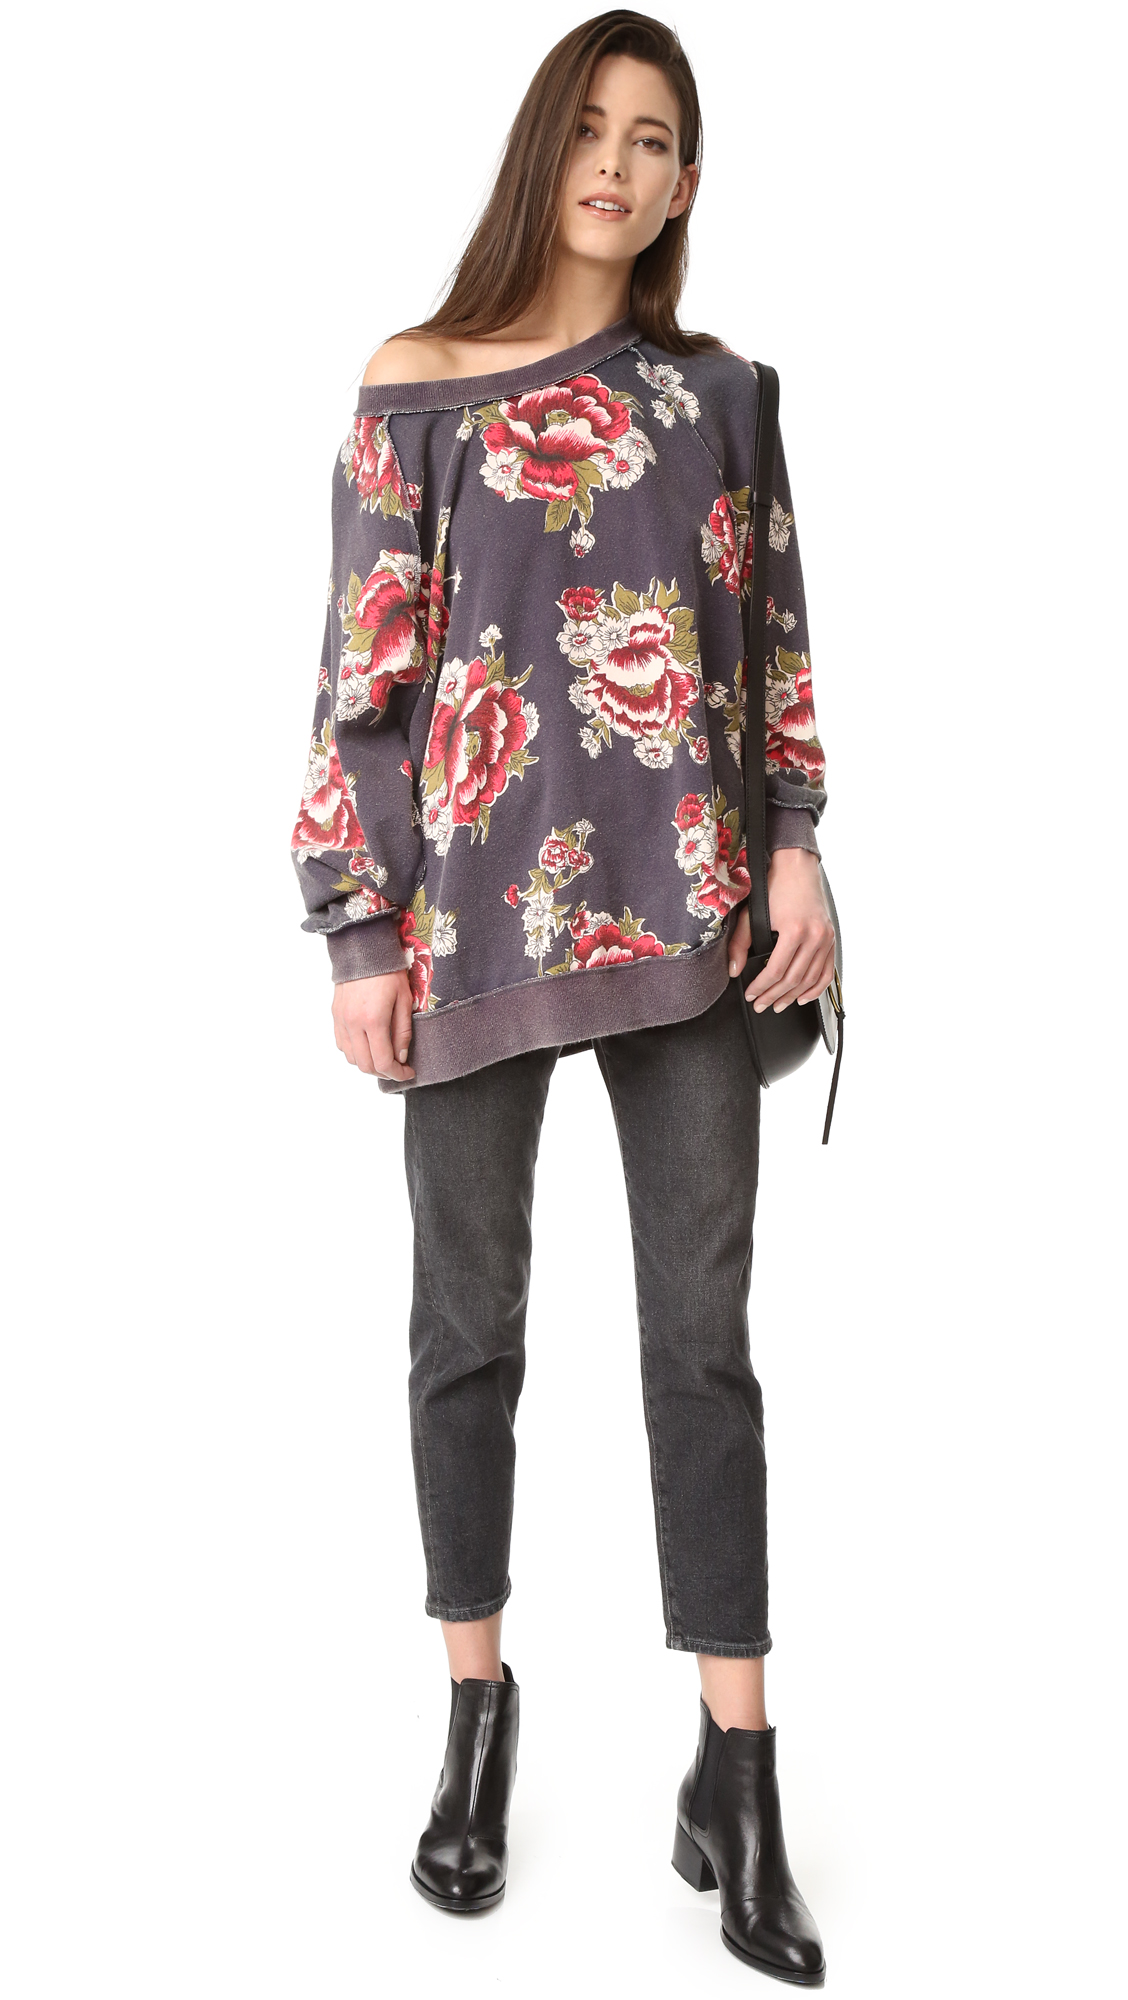 Free People Go On Get Floral Sweatshirt   SHOPBOP